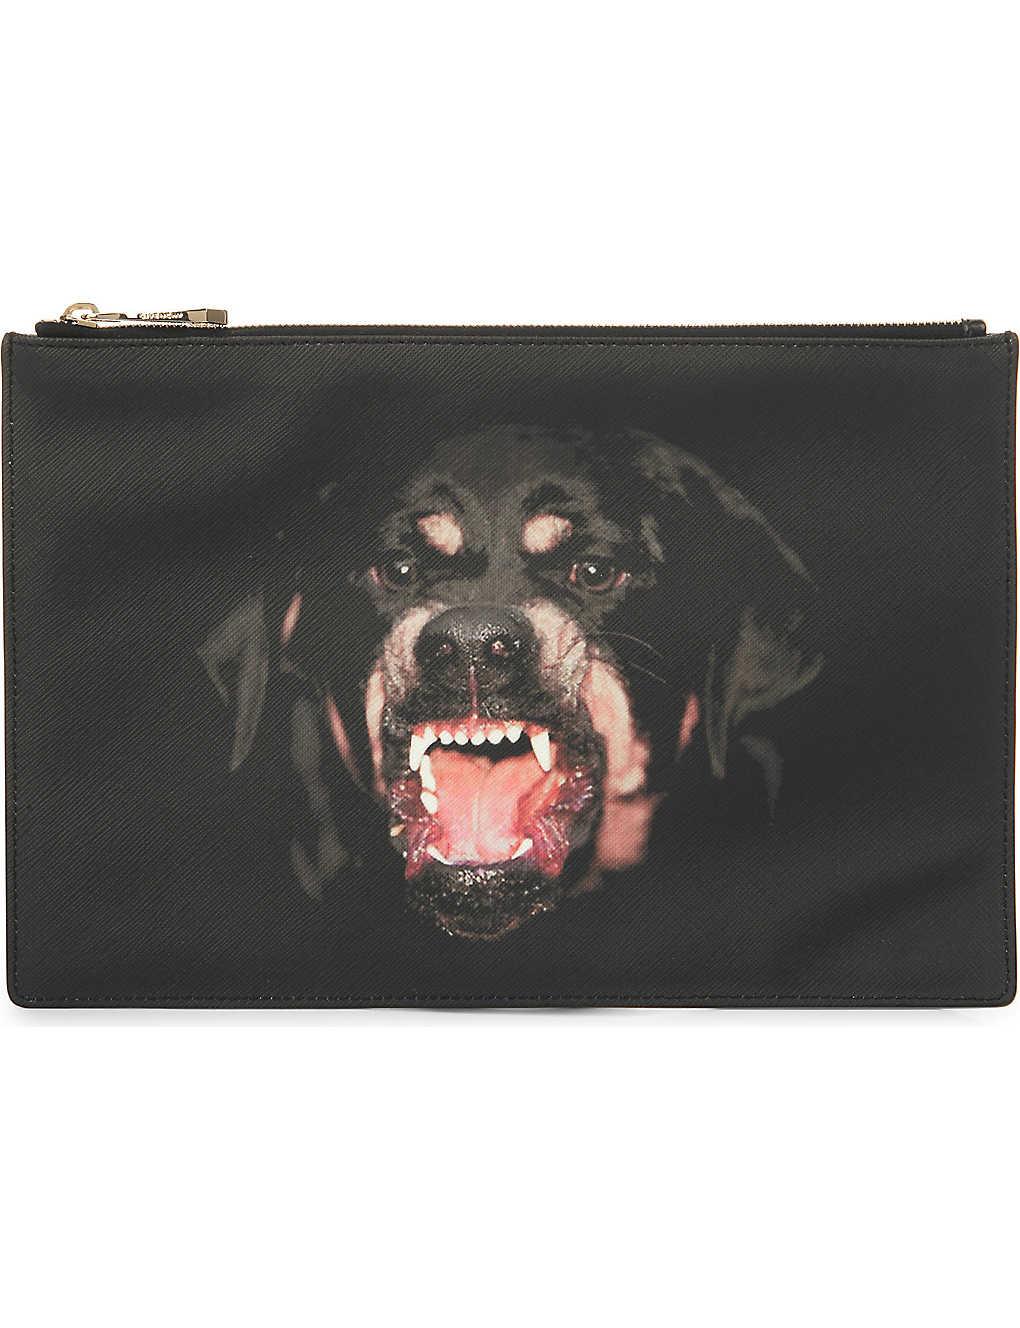 d36c1e4e73 GIVENCHY - Rottweiler medium pouch | Selfridges.com